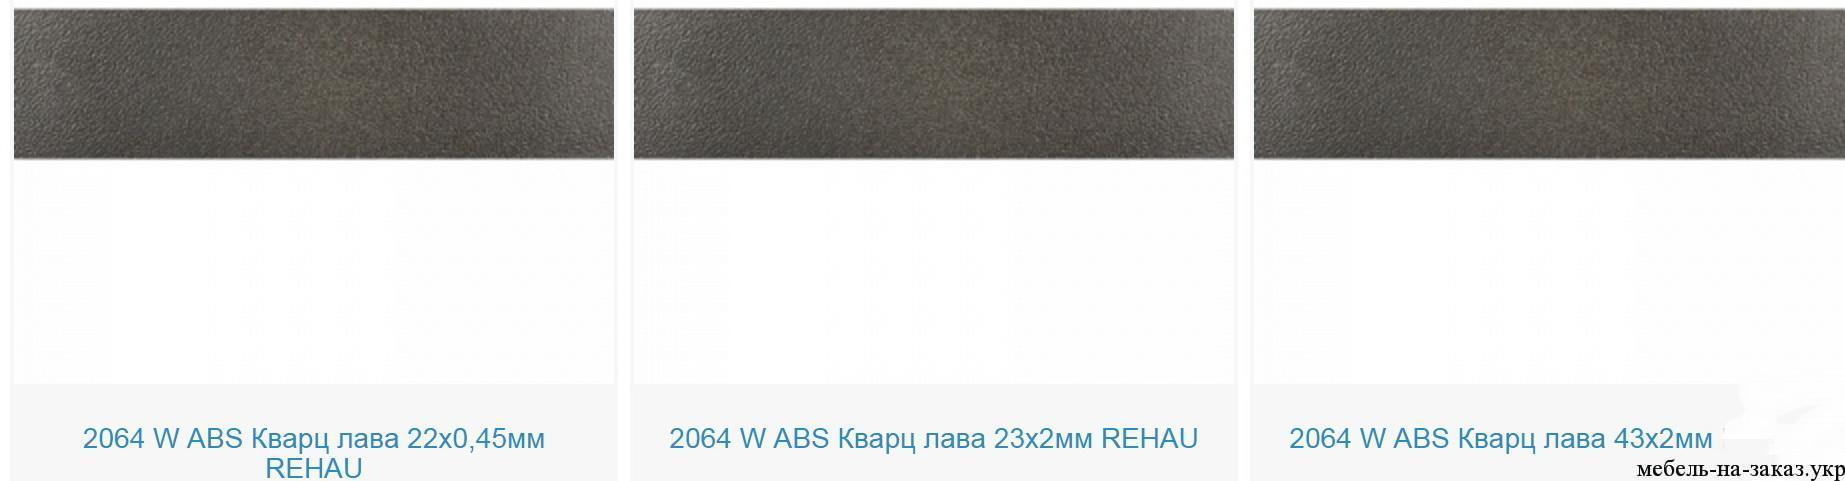 Каталог мебельной кромки Рехау